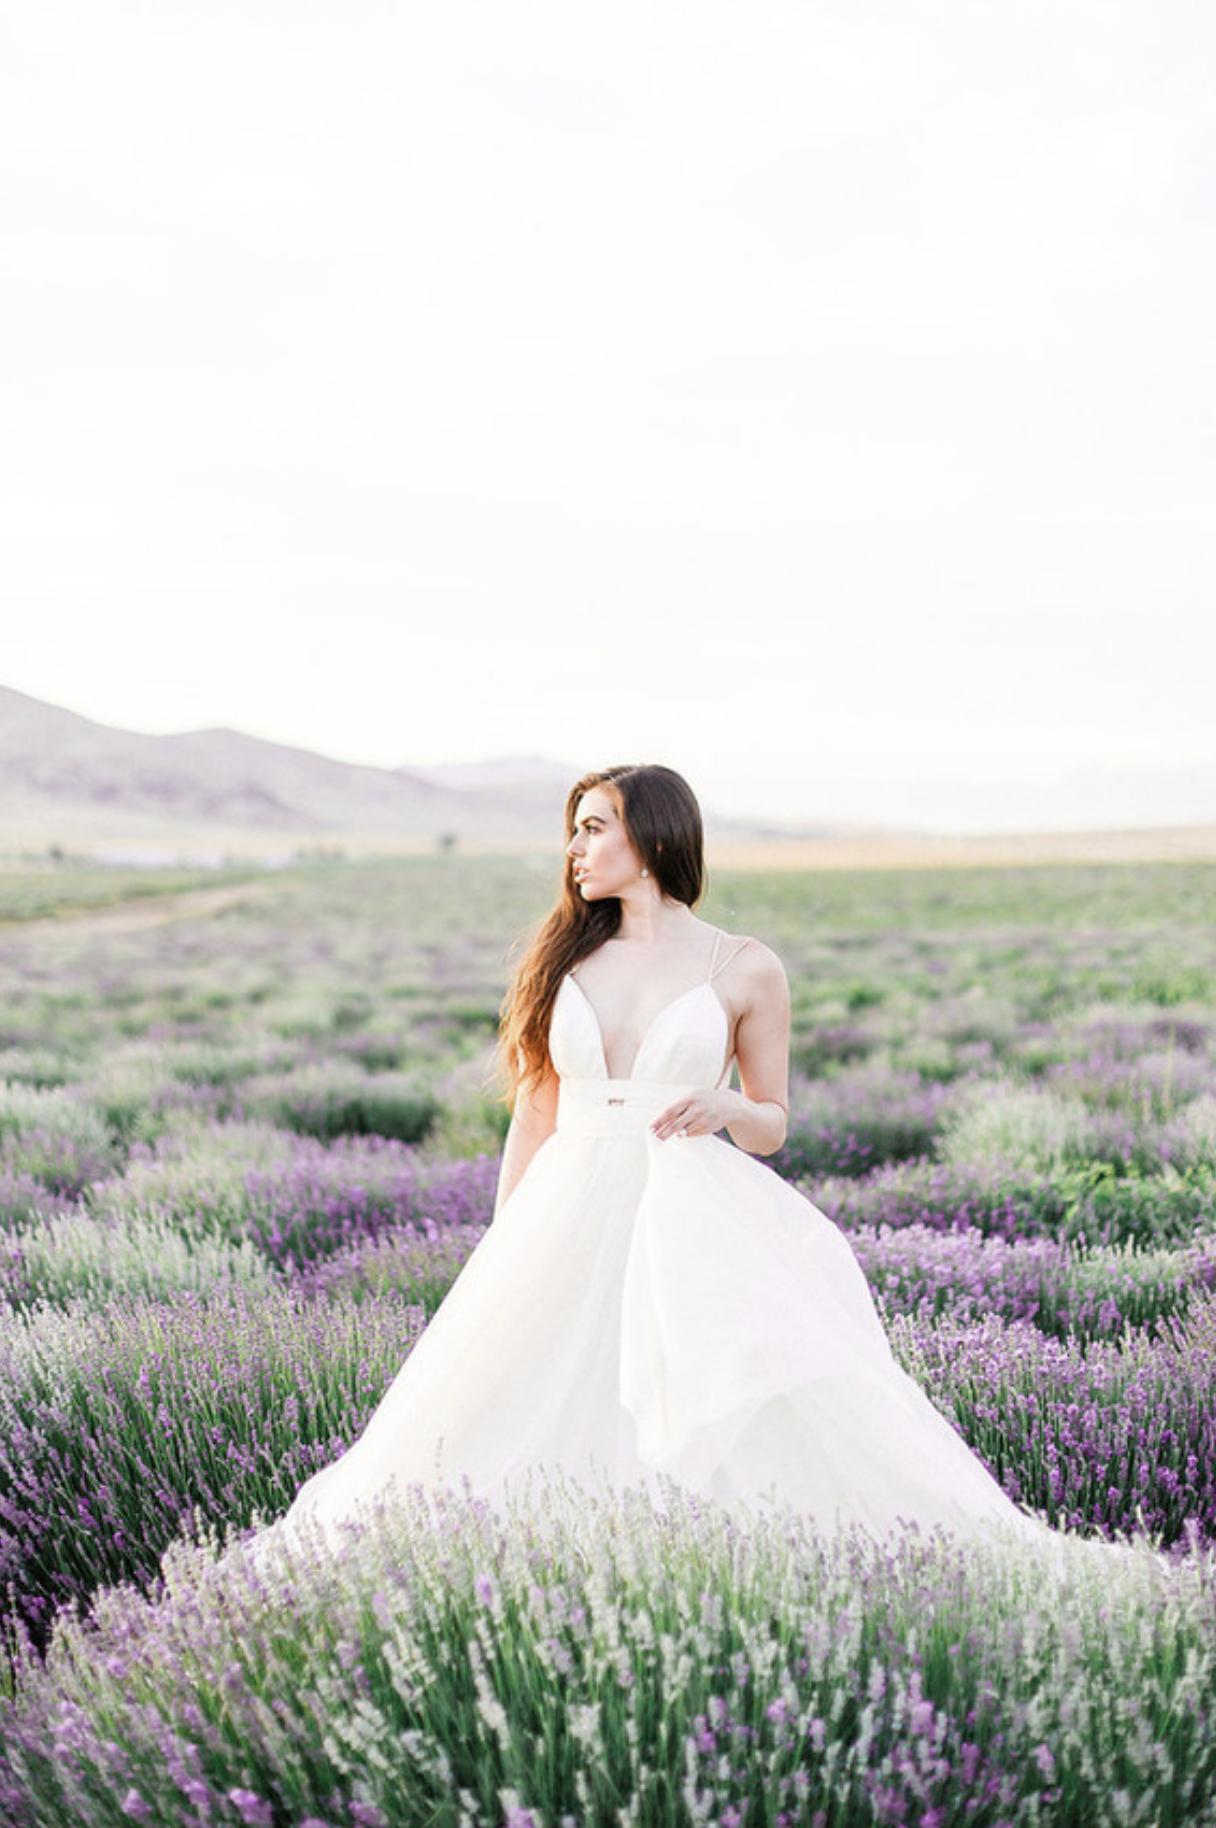 Carol Hannah Bridal Adella Gown Tiffany Sangster 15.png